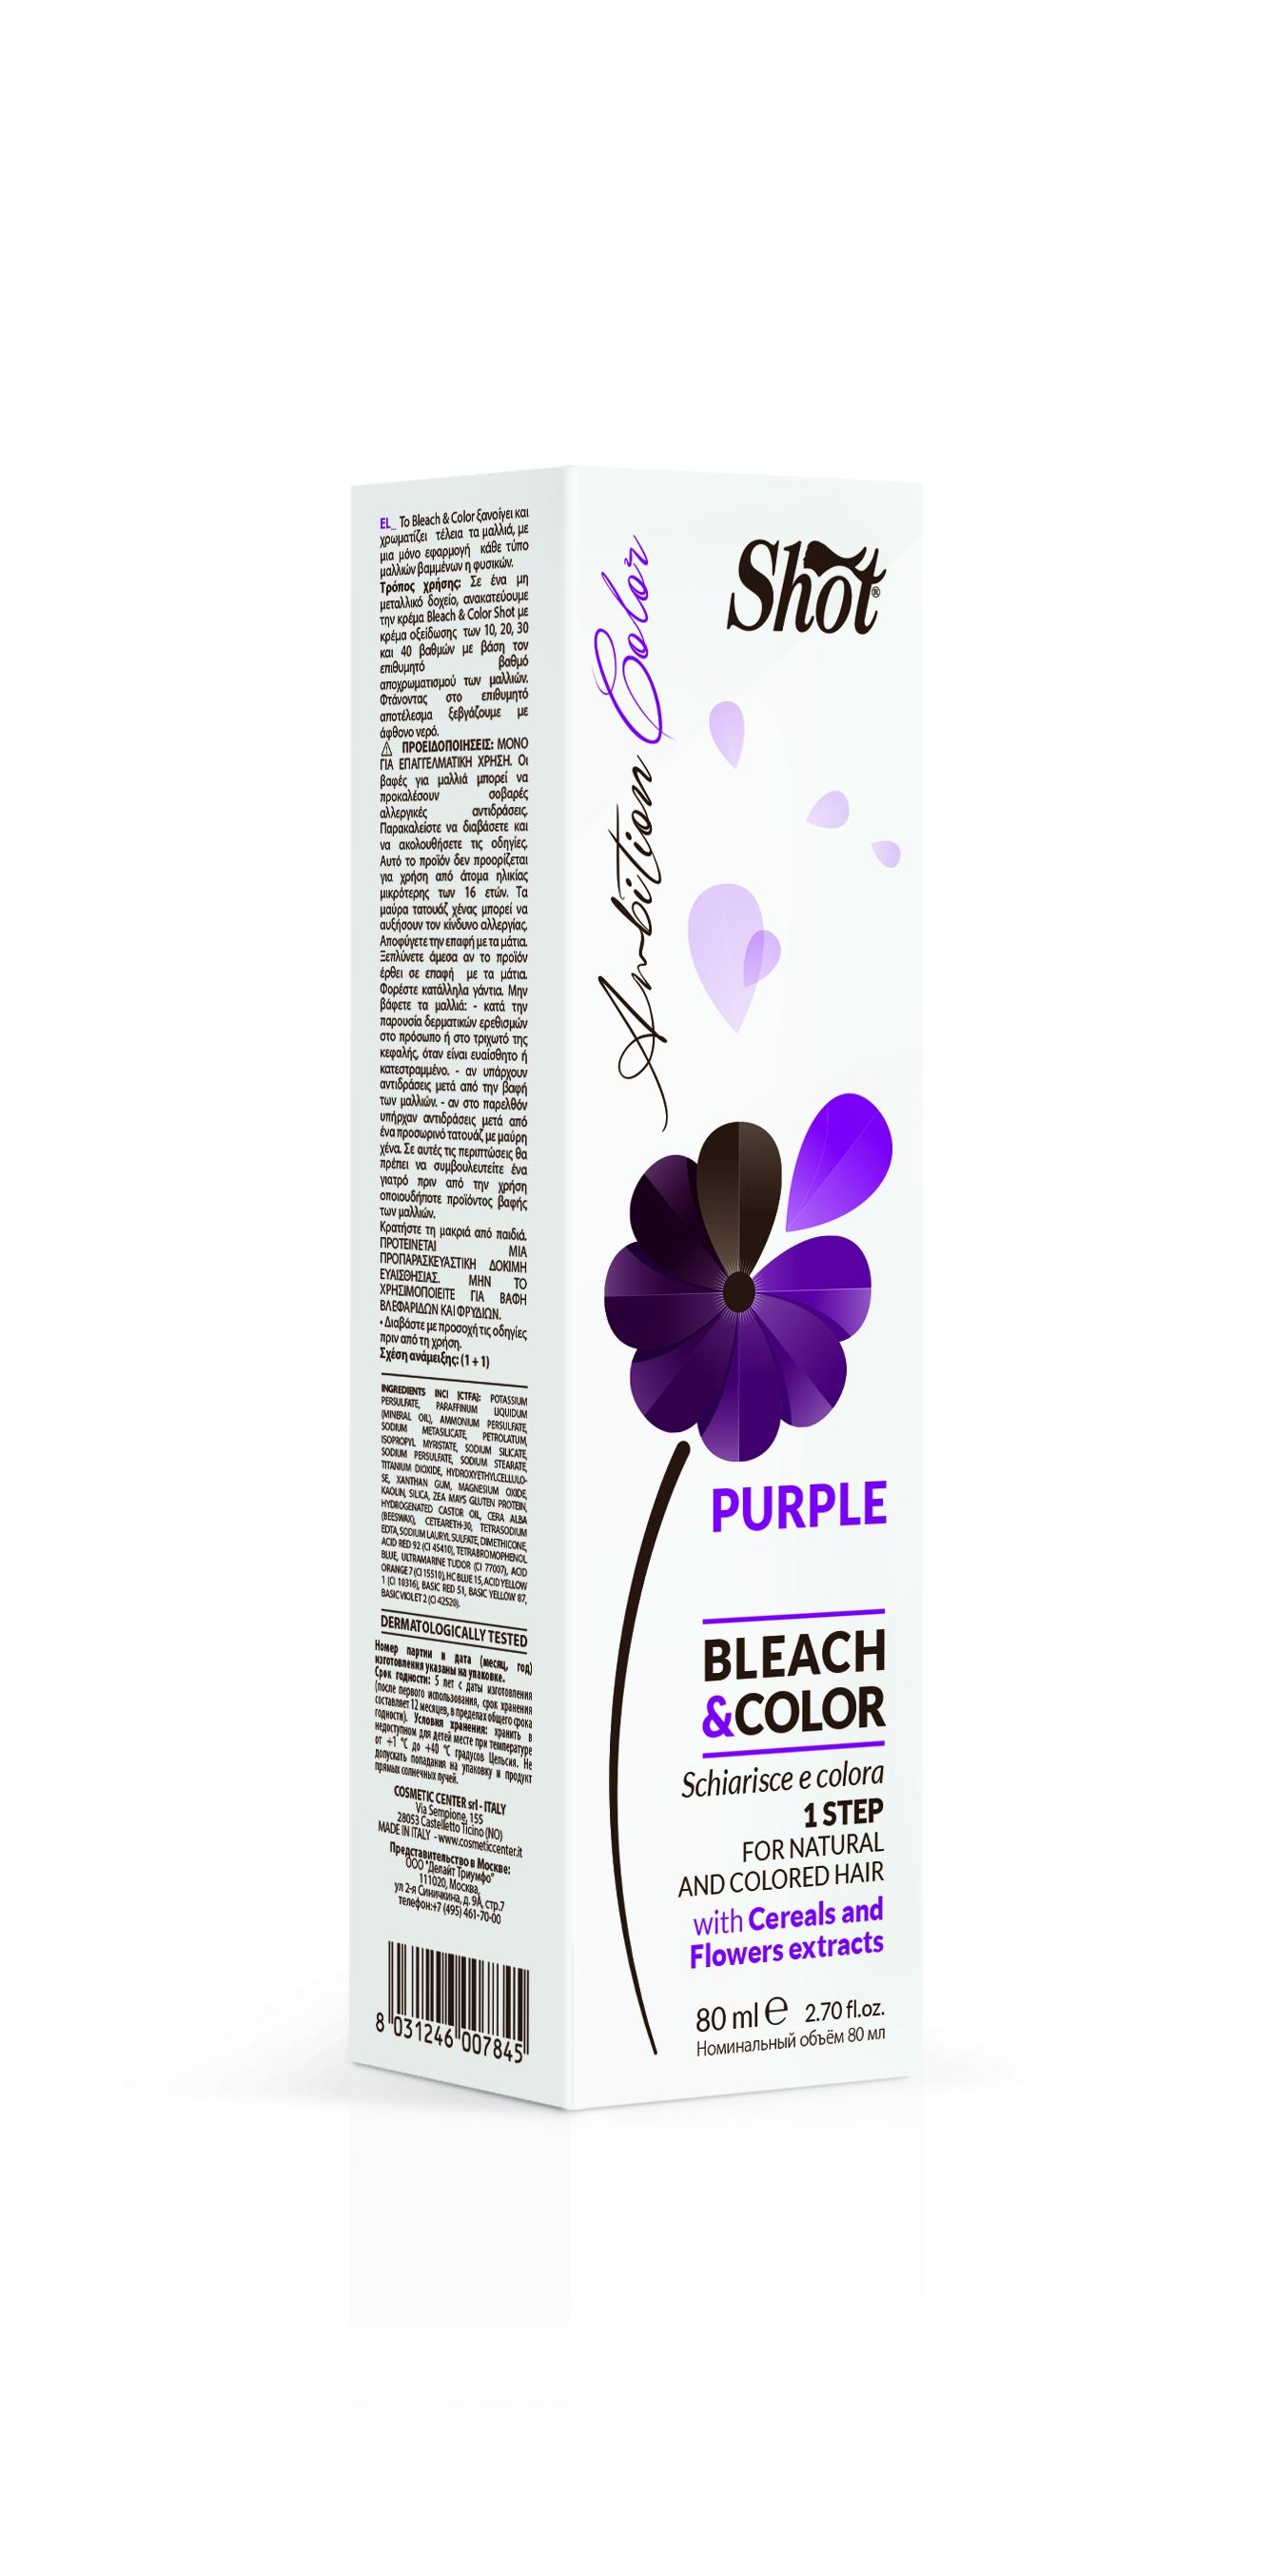 SHOT Обесцвечивающий Крем с Пигментом Пурпурный Bleach & Color, 80 мл shot крем краска для волос power color 100 мл